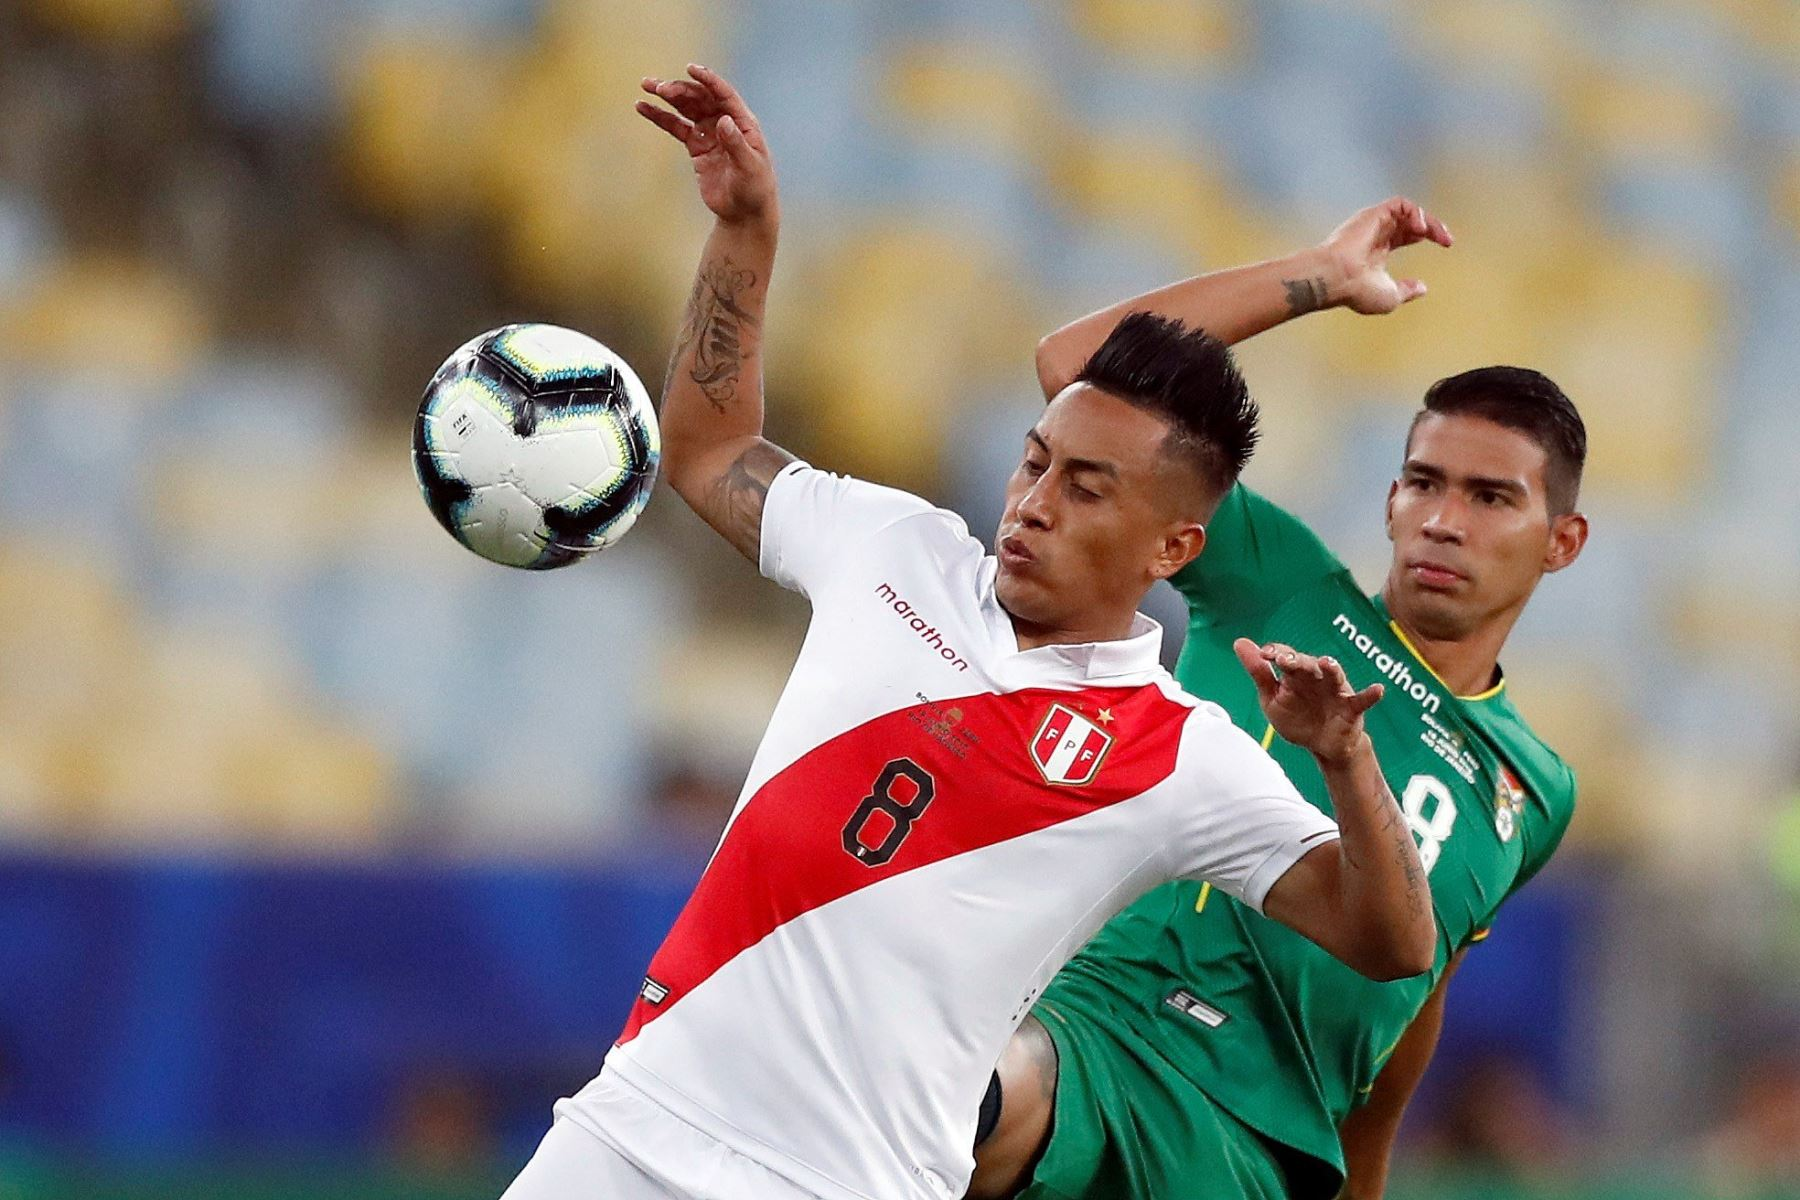 El jugador Diego Bejarano (d) de Bolivia disputa el balón con Christian Cueva de Perú durante el partido Bolivia-Perú del Grupo A de la Copa América de Fútbol 2019, en el Estadio Maracaná. Foto: EFE